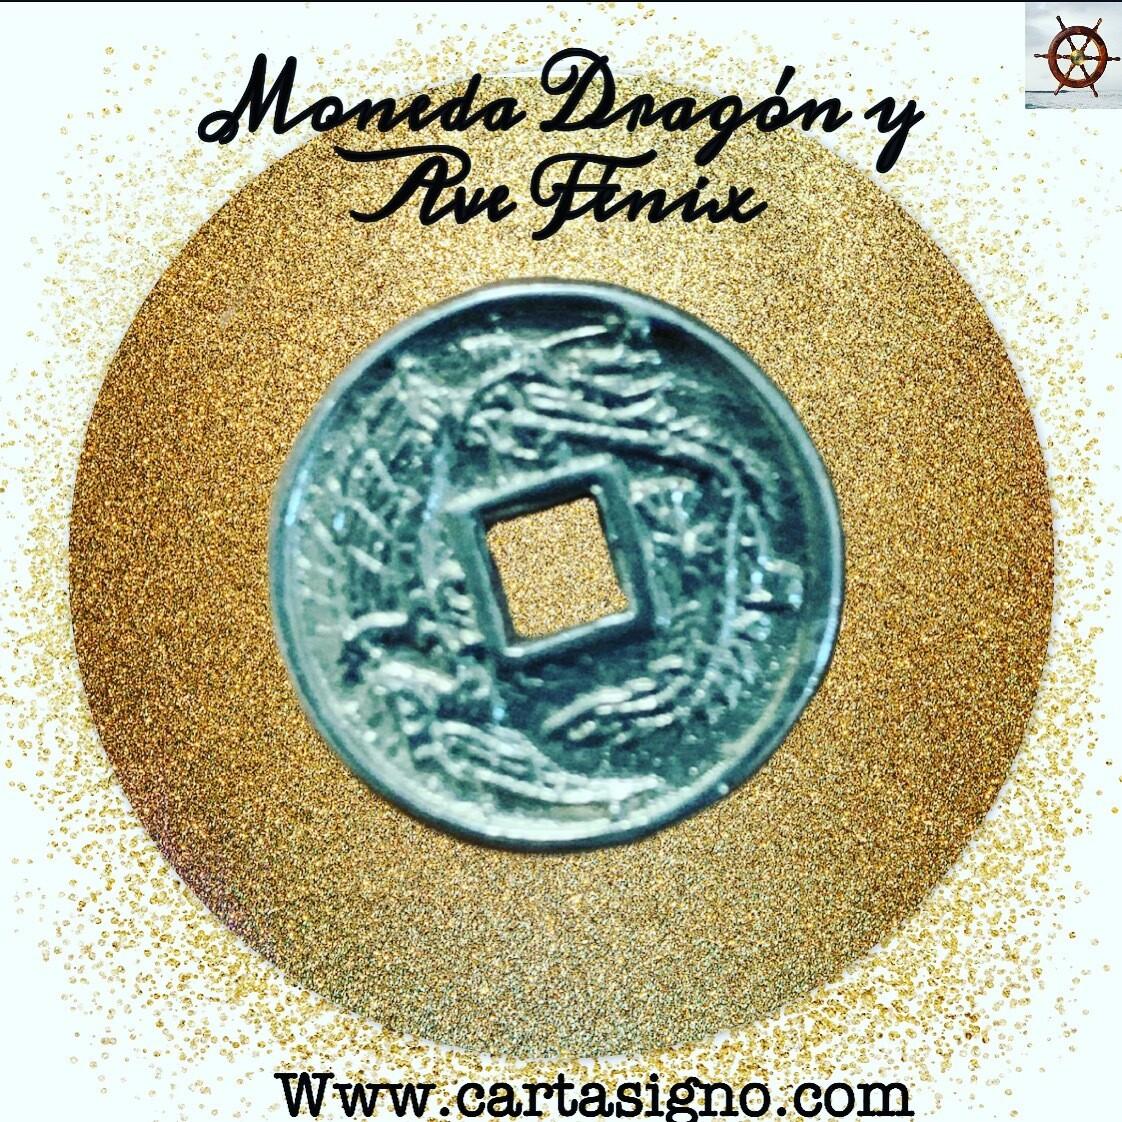 Moneda Dragón y Ave Fénix